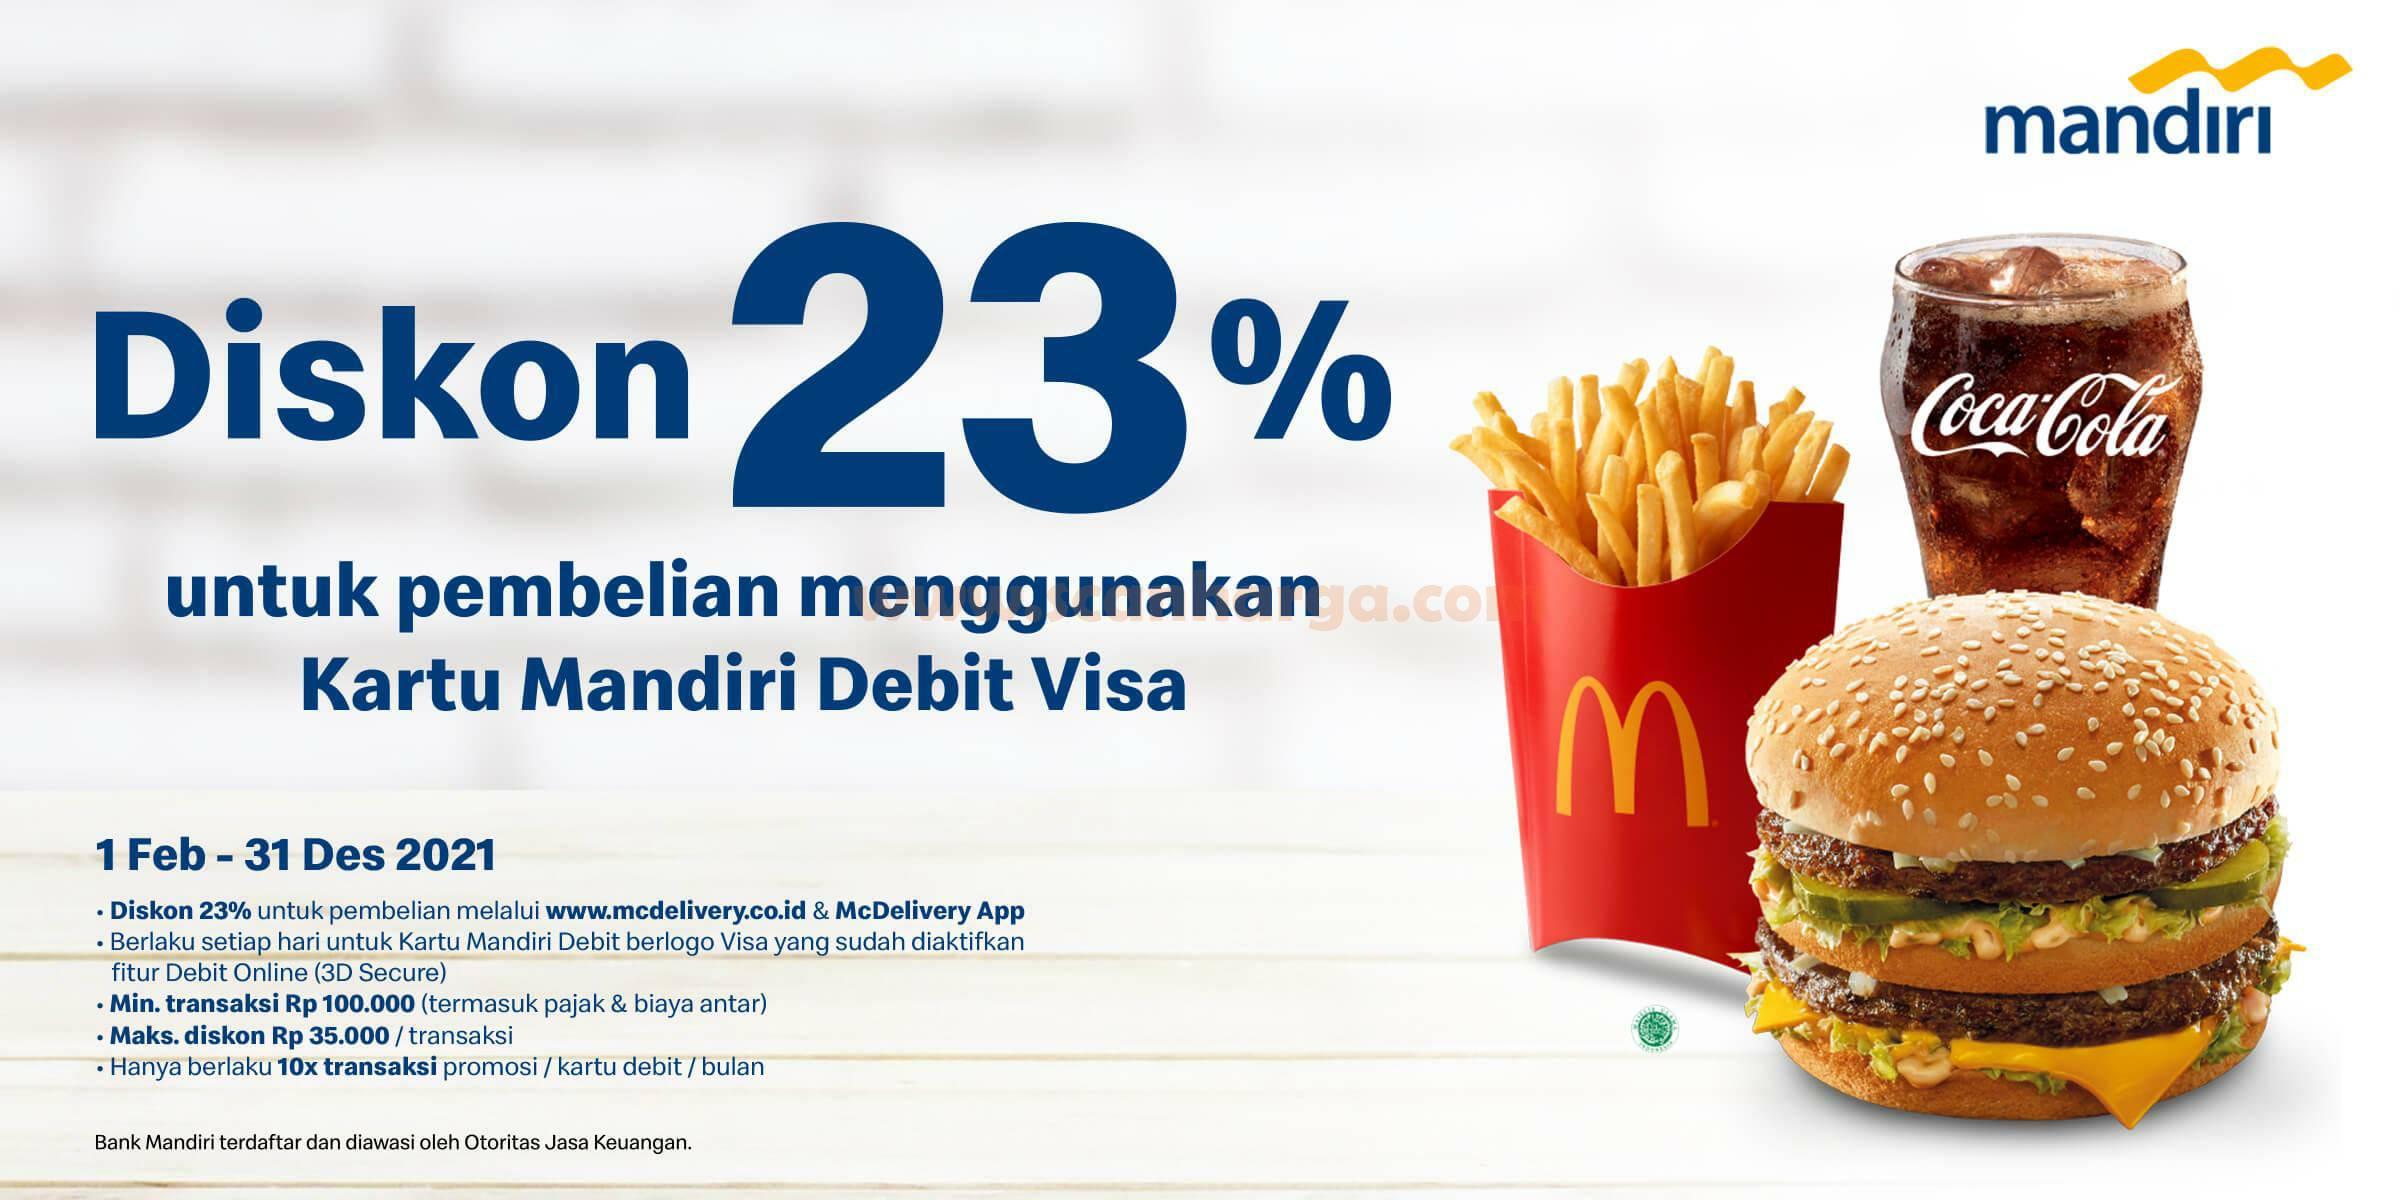 McDonalds Promo Diskon 23% dengan Kartu Debit Mandiri berlogo VISA